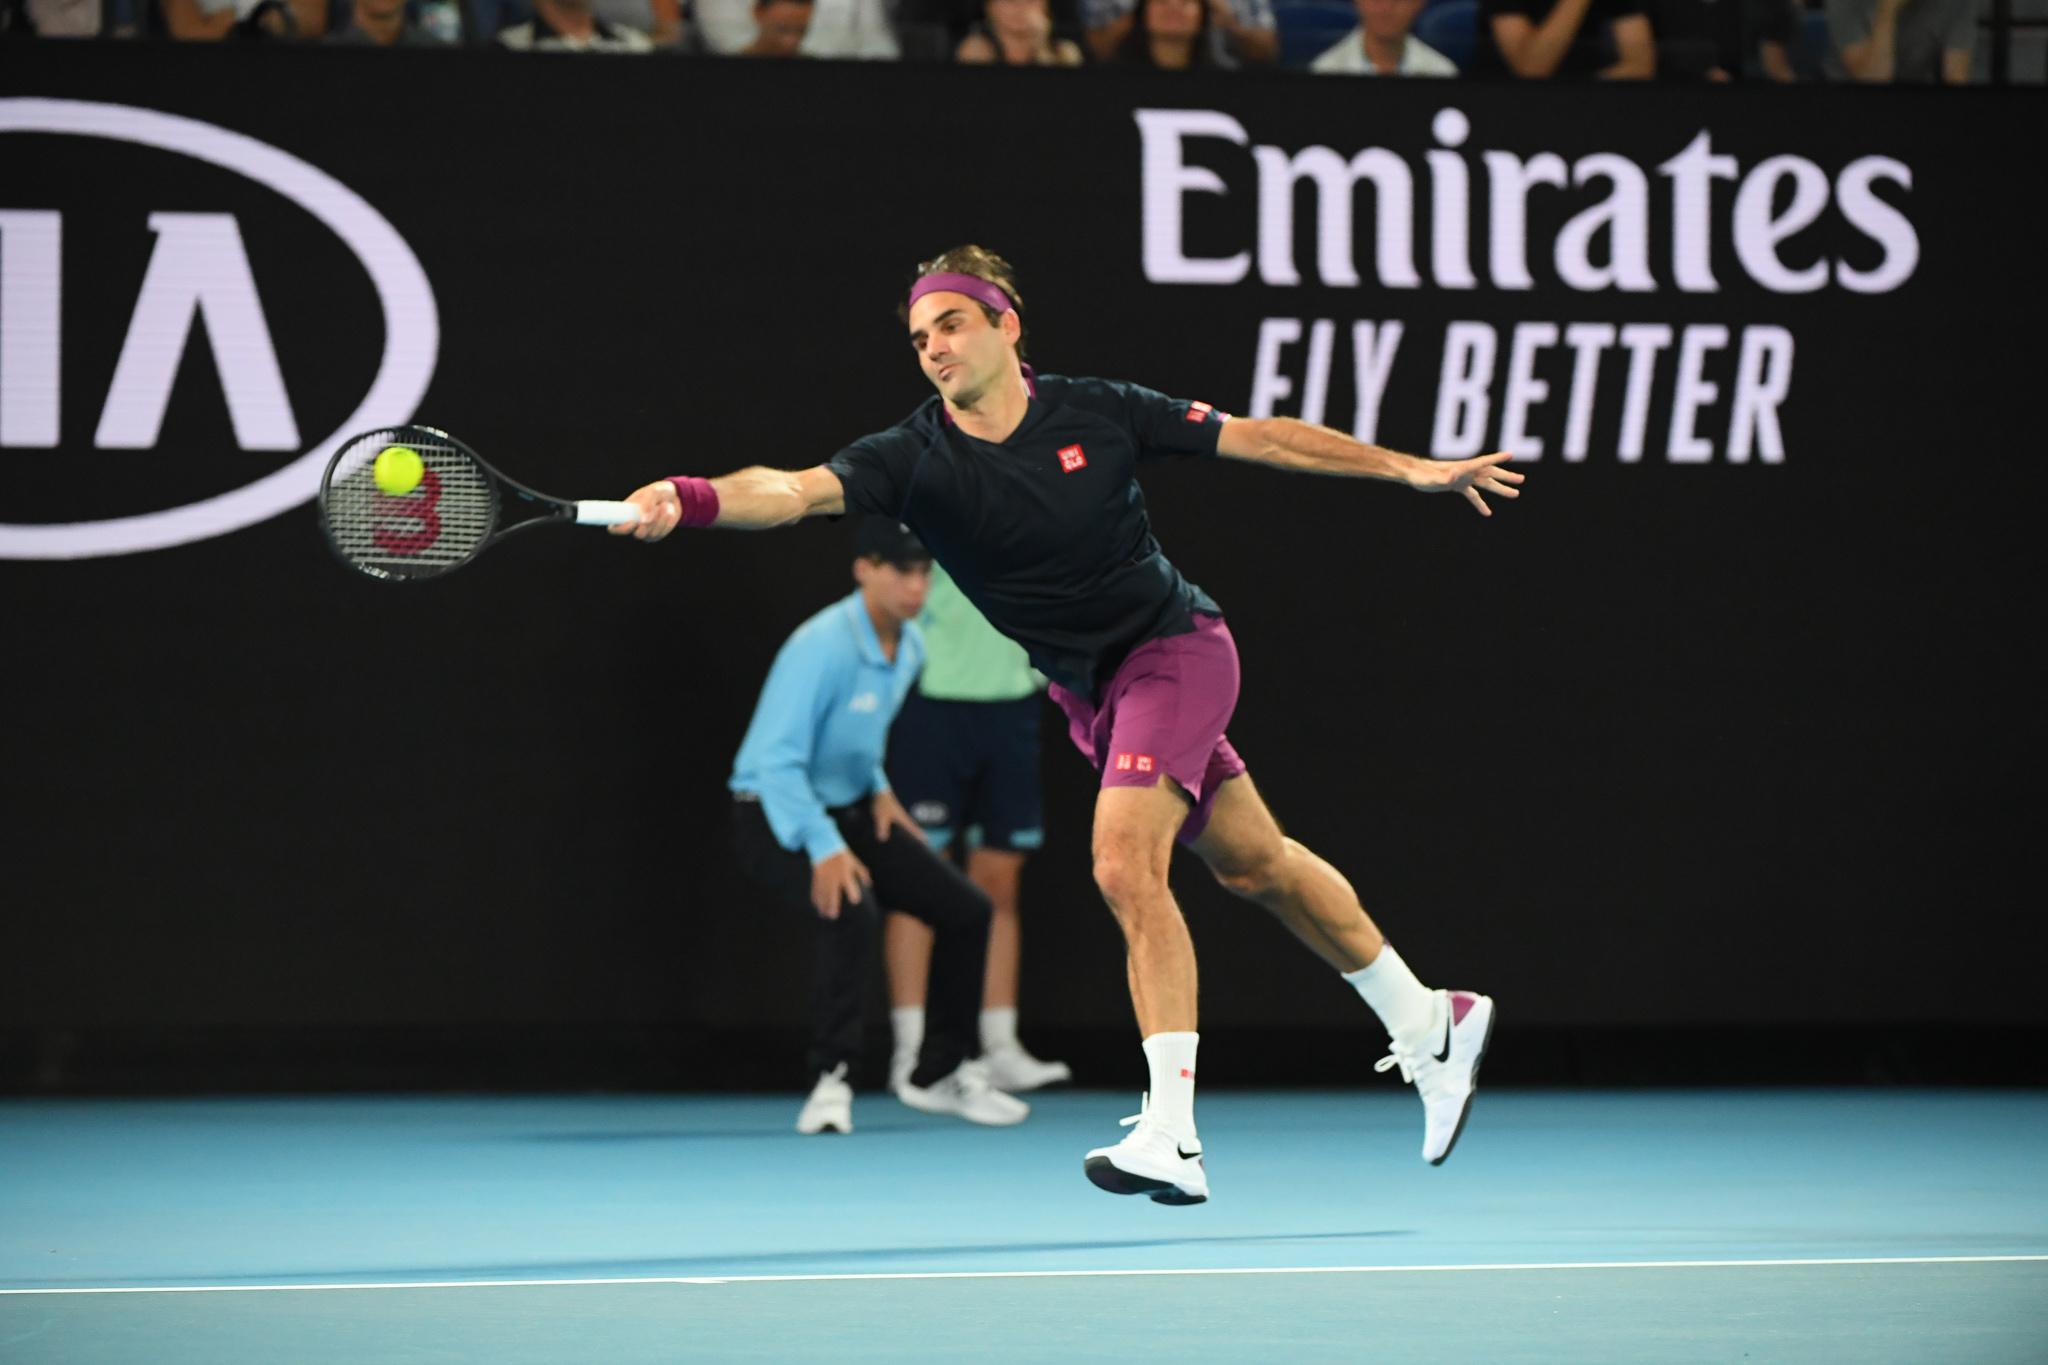 Pousser Federer dehors, Millman sait faire